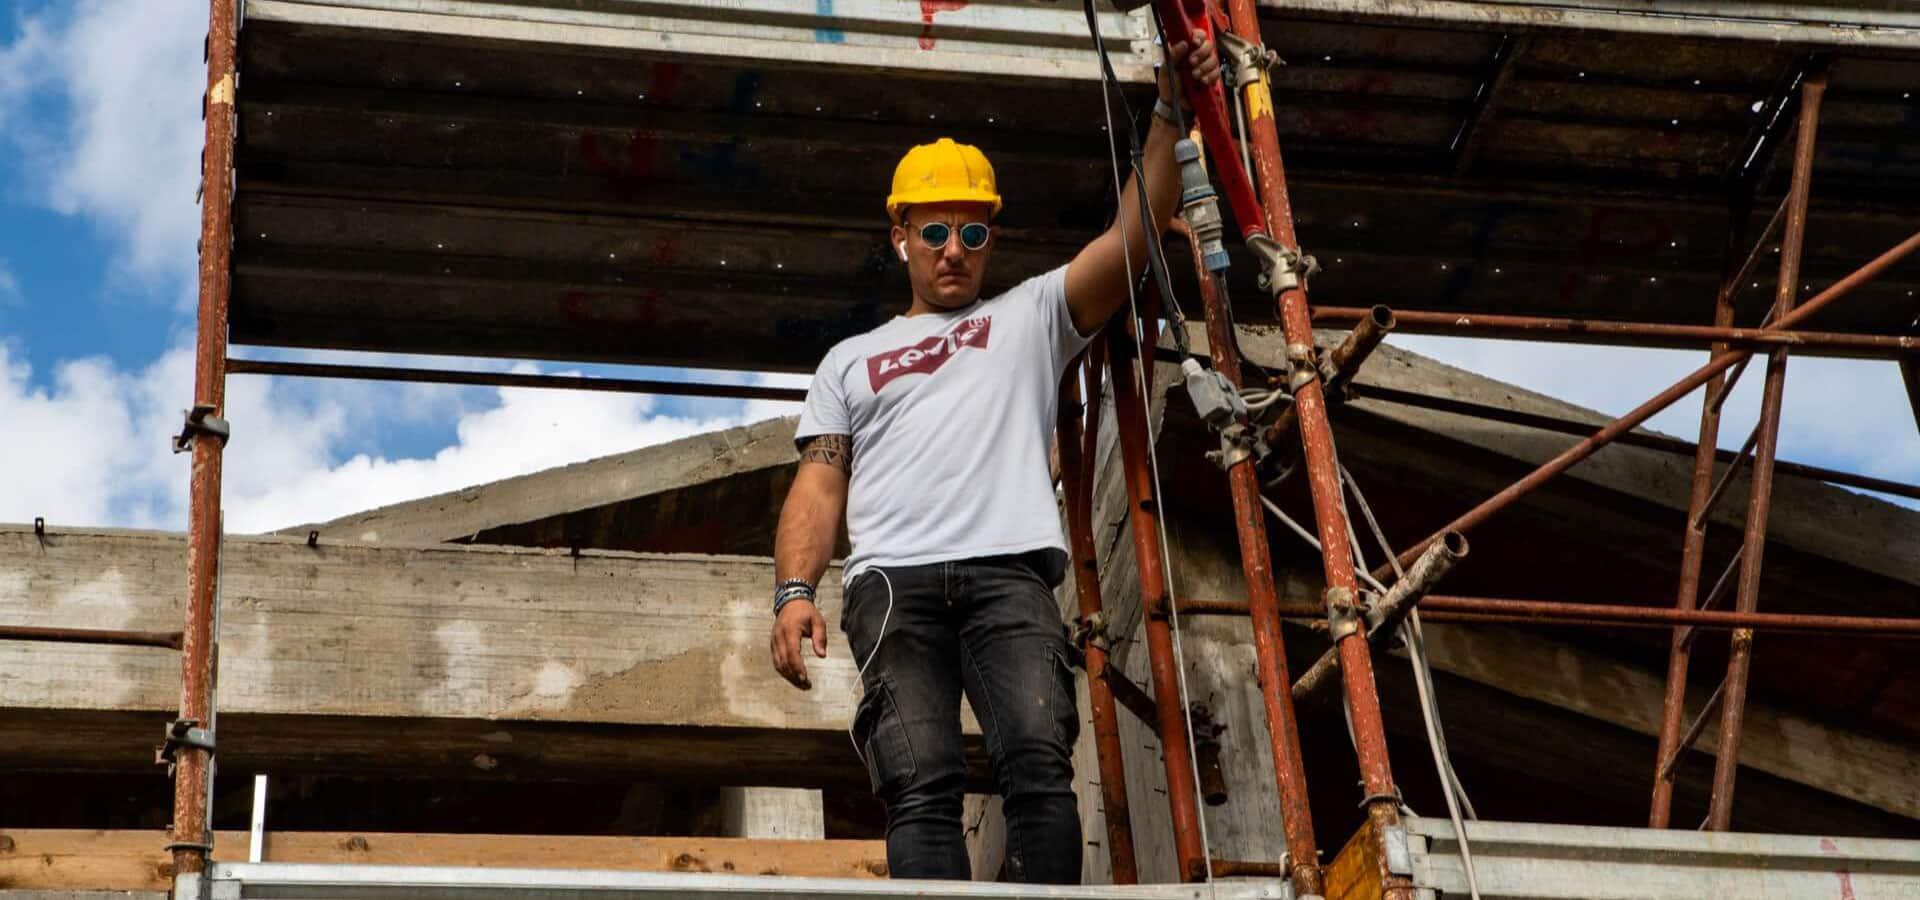 spadaro-costruzioni07-stretch